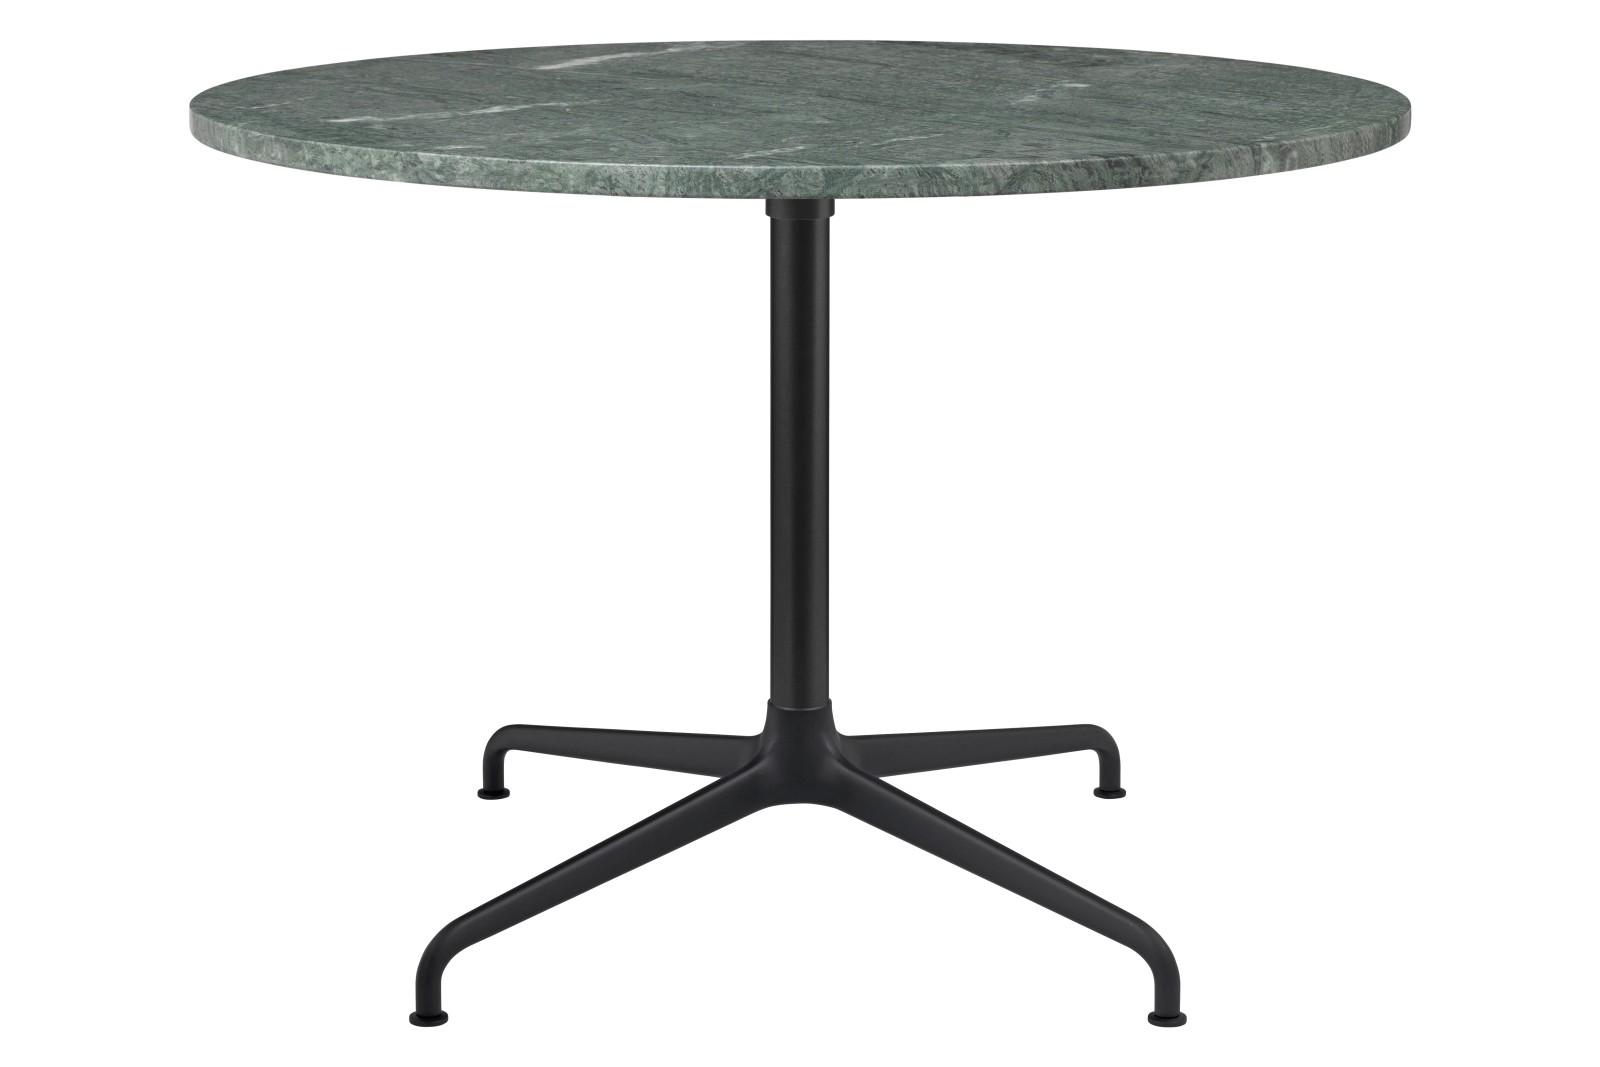 Beetle 4-Star Base Round Lounge Table, Large Gubi Metal Black Matt, Green Guatemala Marble